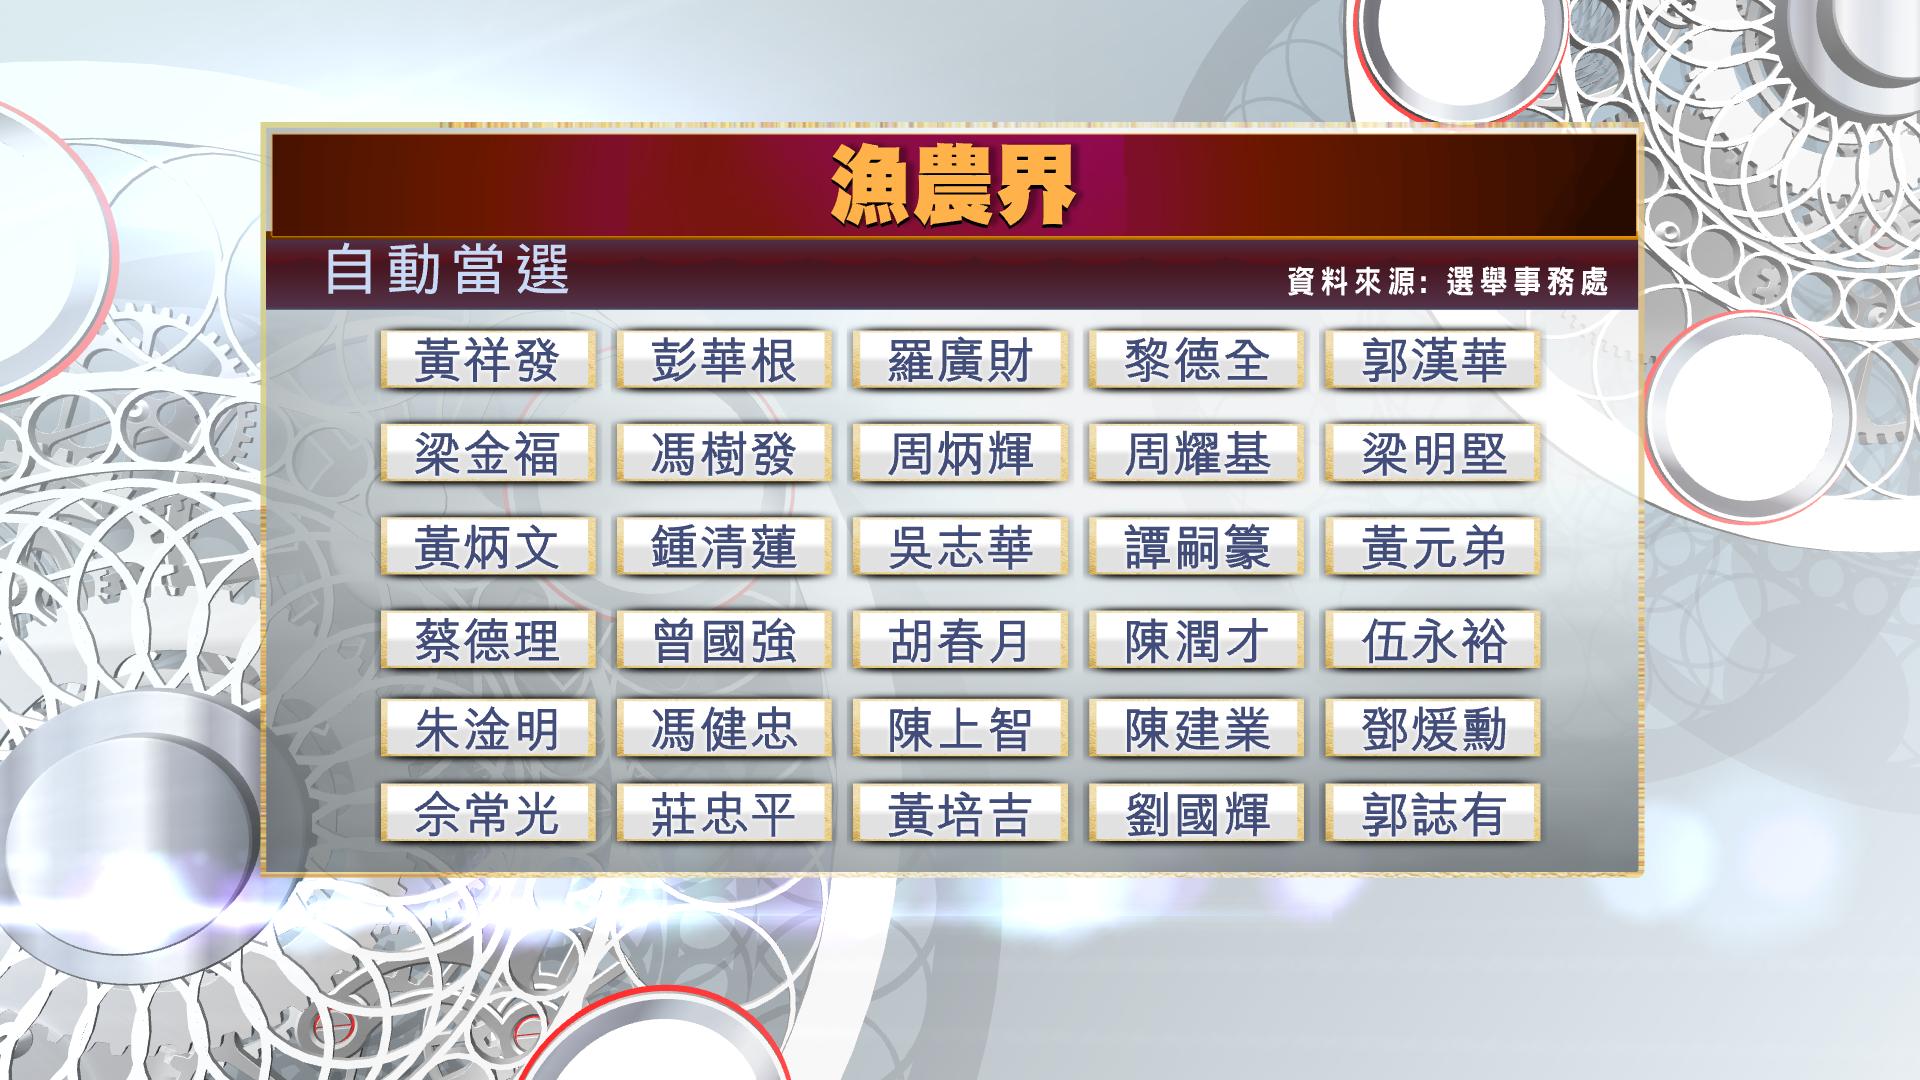 【一文睇晒】選委會23個界別自動當選名單